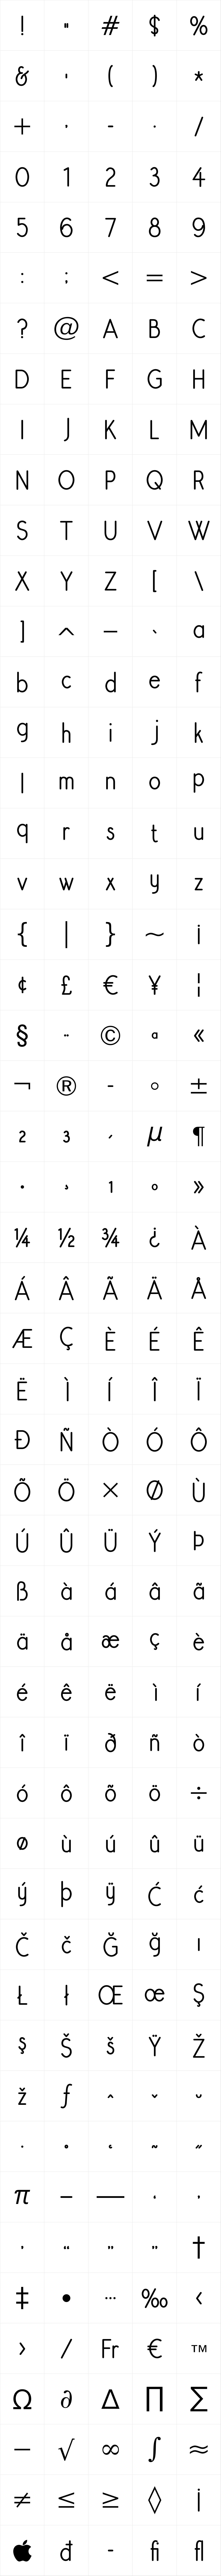 Register Sans BTN Condensed Bold